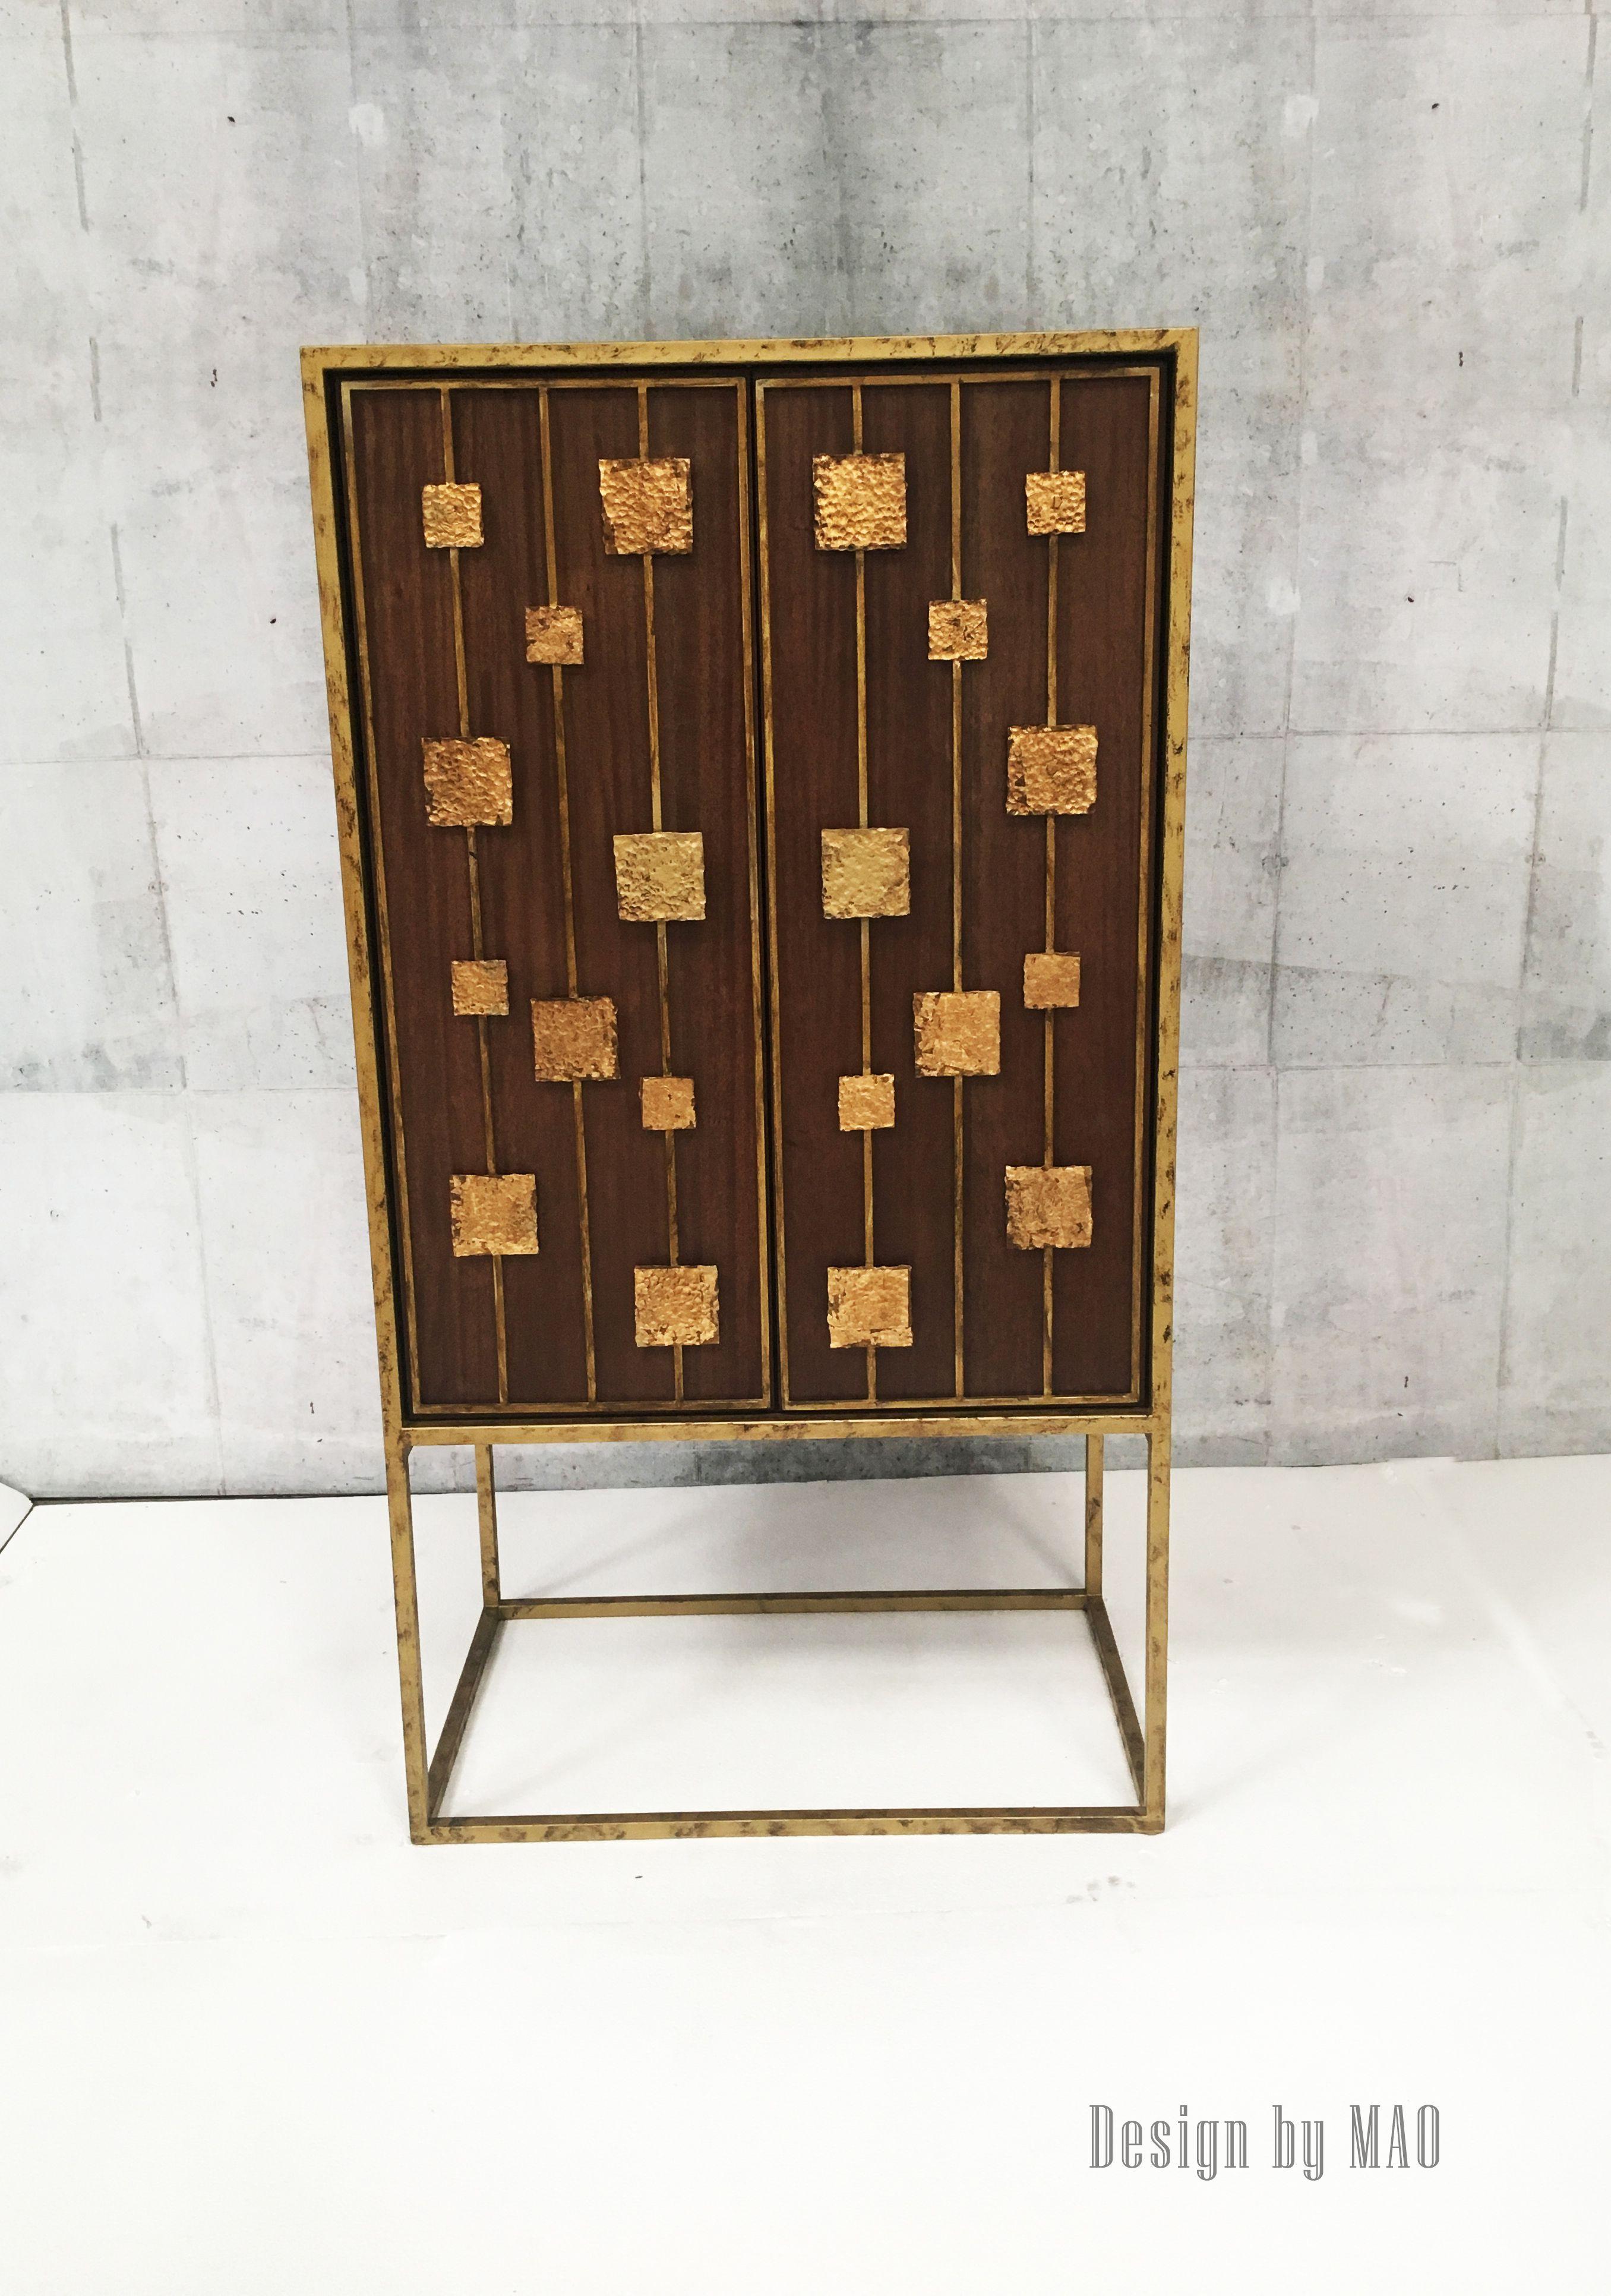 BAR ALQUIMIA Diseñado Para Studio NOA Detalles En Pan De Oro / BAR ALQUIMIA  Design By